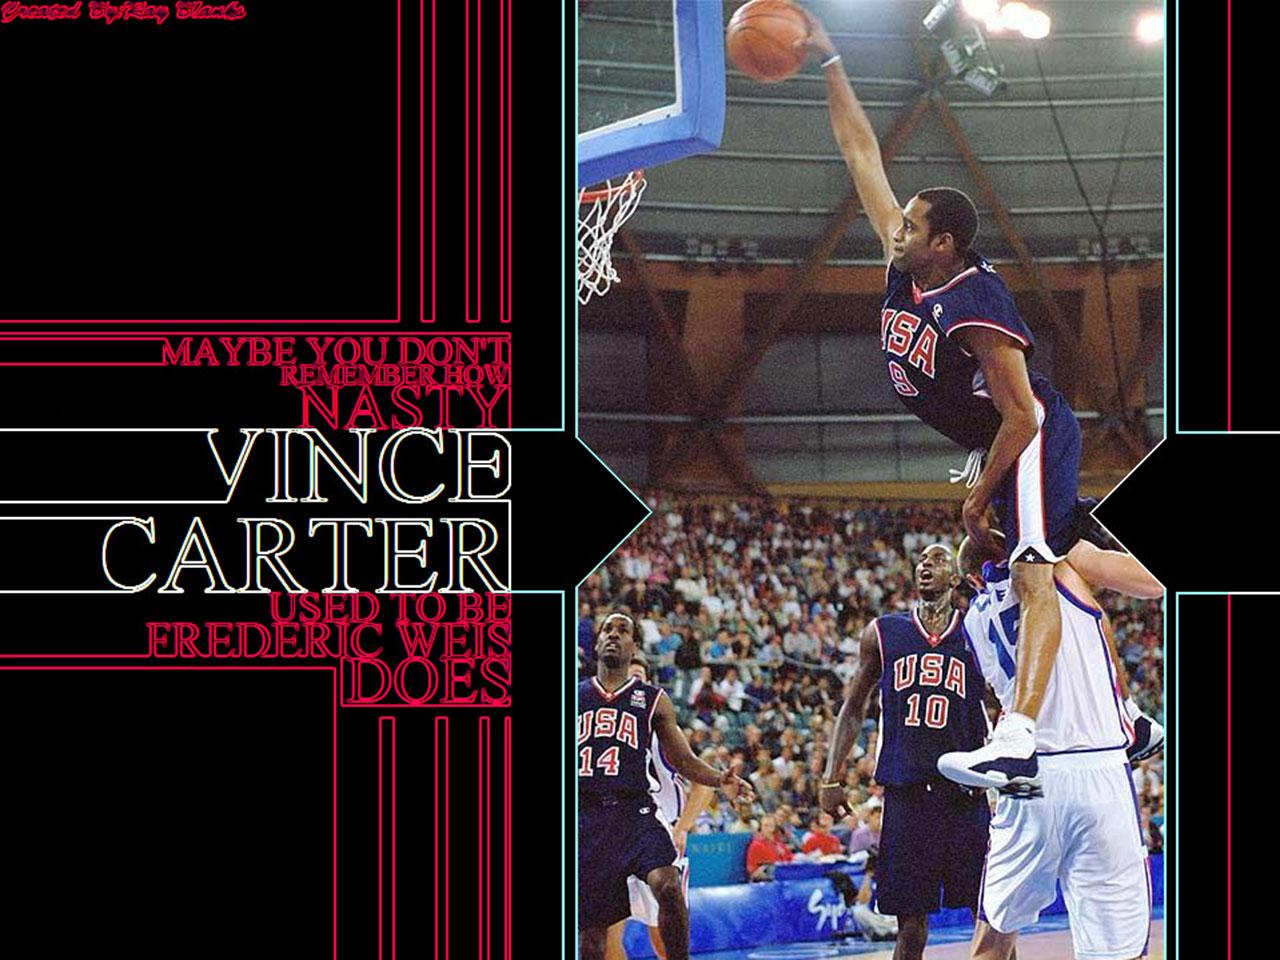 http://4.bp.blogspot.com/_ZLNQZO6Ju7A/S_vRoMFeHaI/AAAAAAAAACQ/ajcBrDPssTk/s1600/Vince-Carter-Over-Weis-Dunk-Wallpaper.jpg